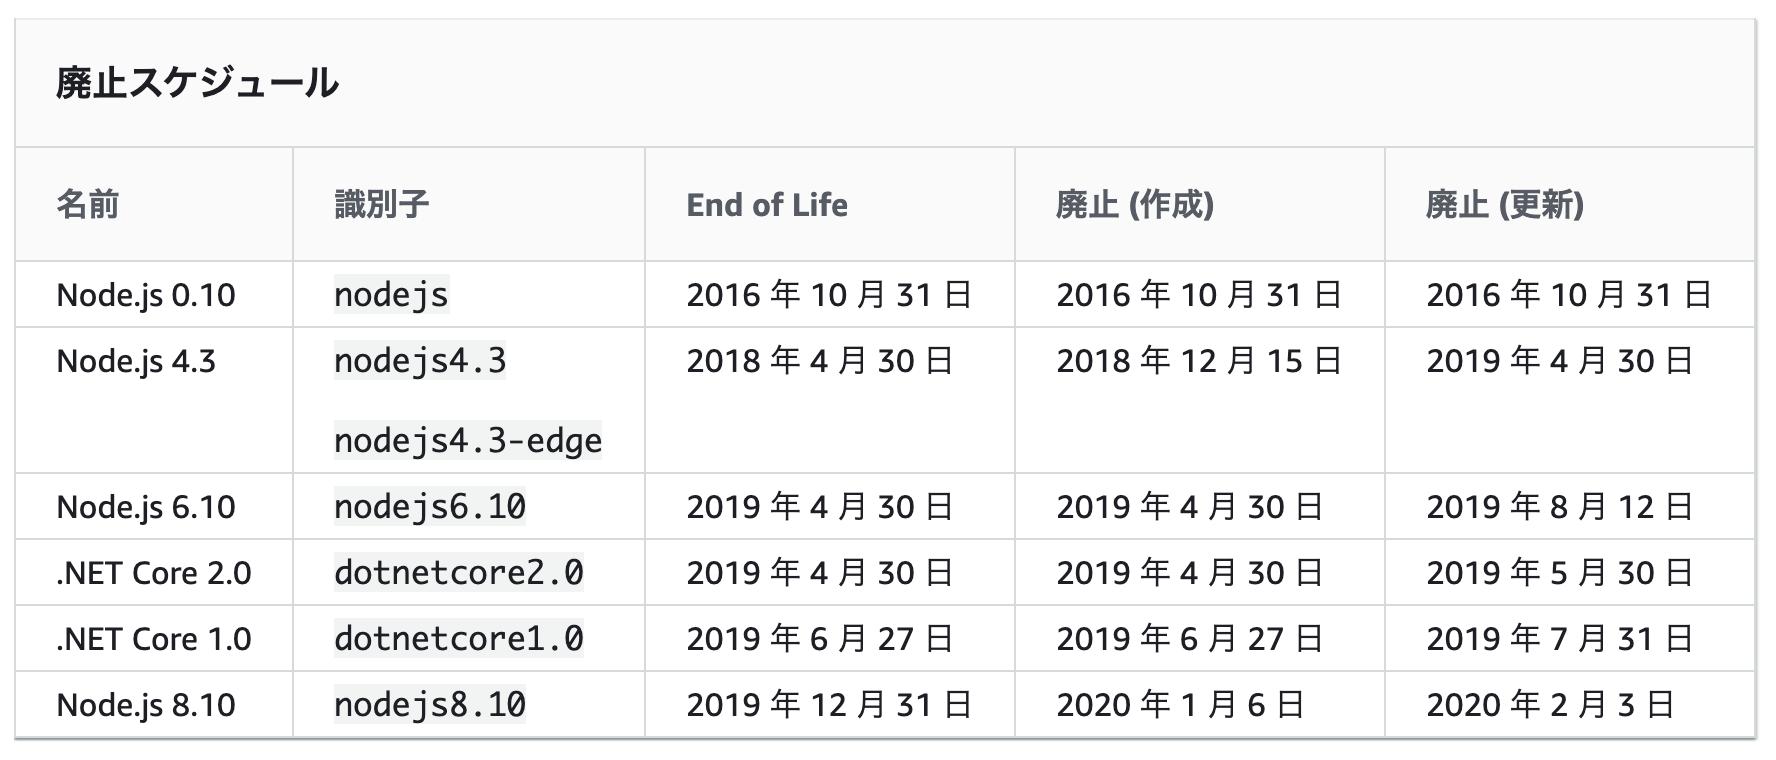 スクリーンショット 2020-01-24 14.17.37.png